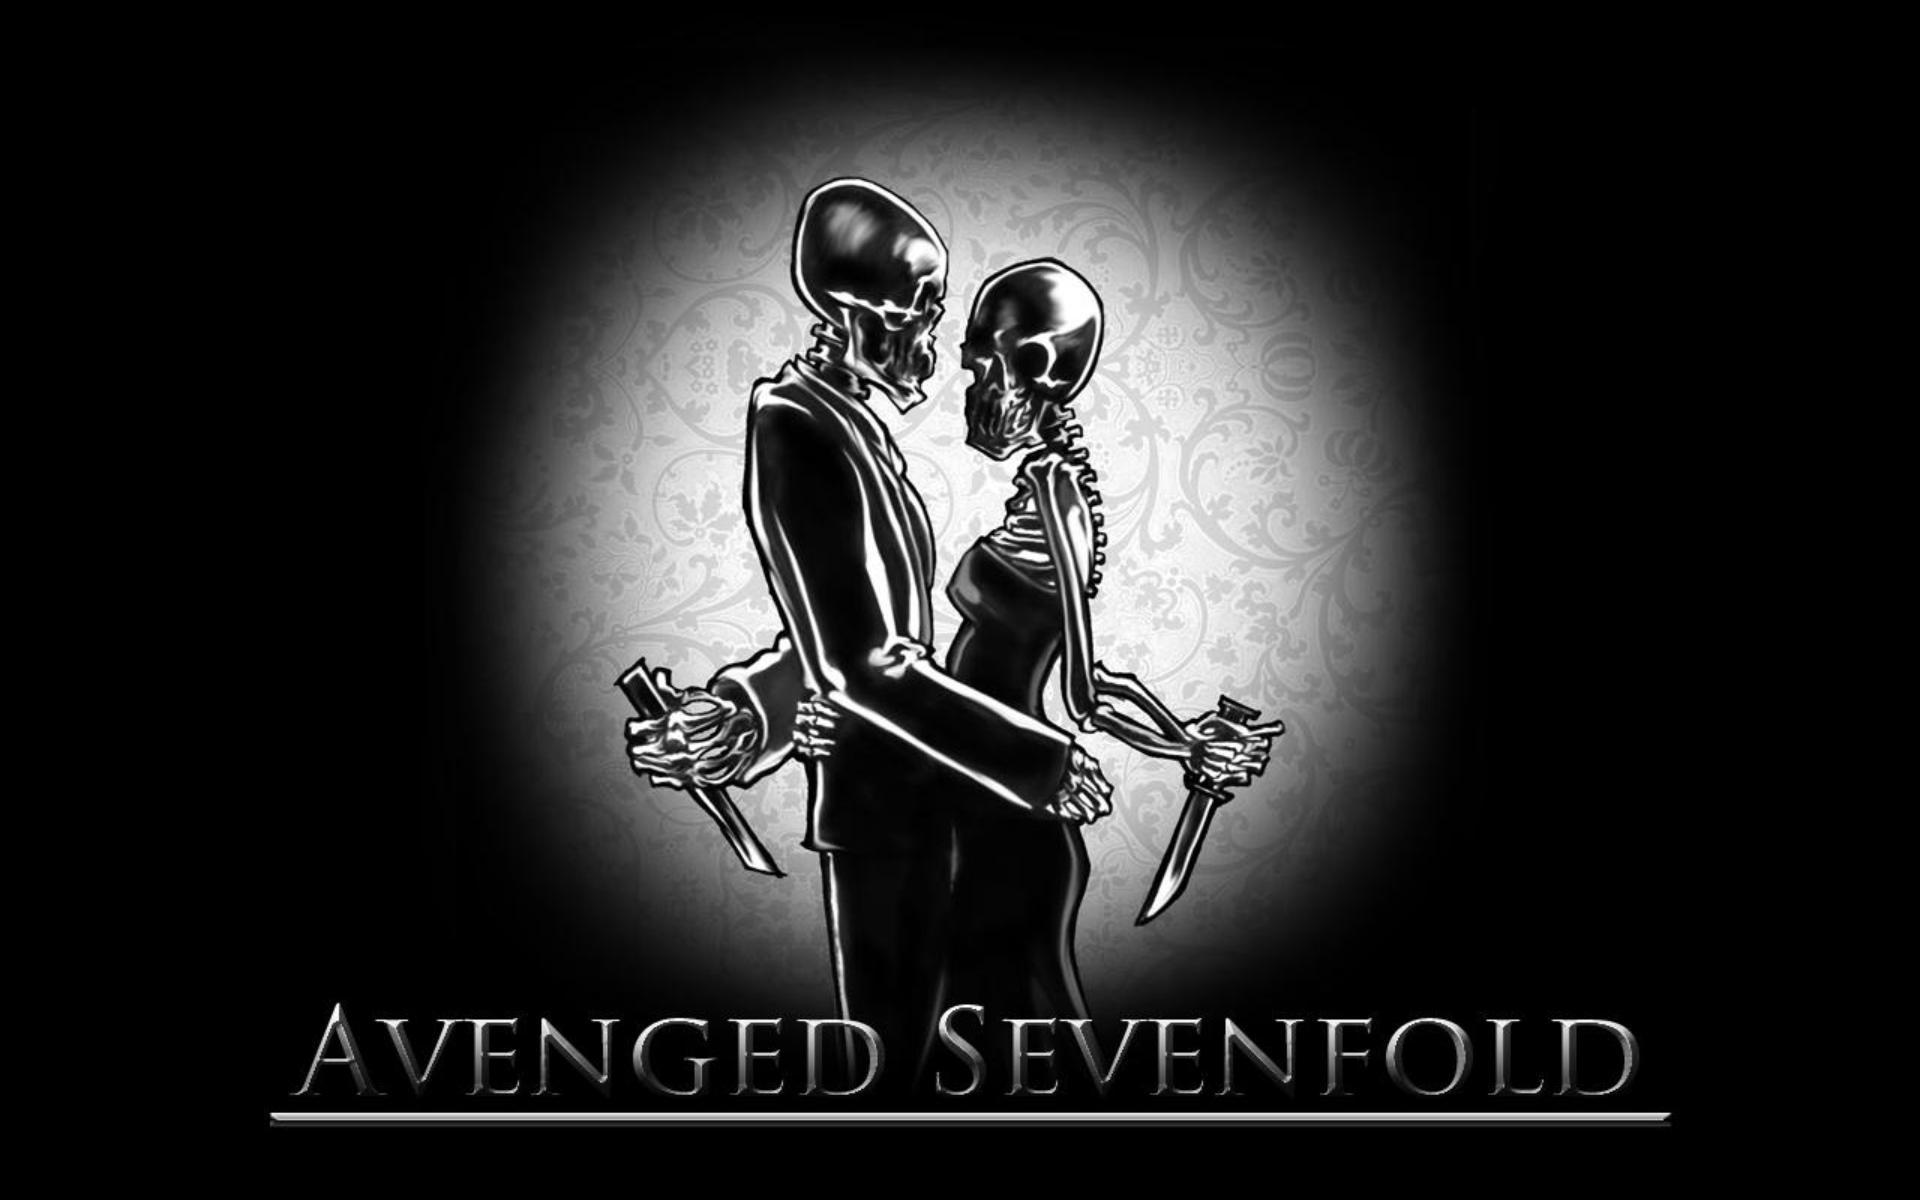 Avenged sevenfold wallpaper 22474 1920x1200 px hdwallsource avenged sevenfold wallpaper 22474 voltagebd Gallery